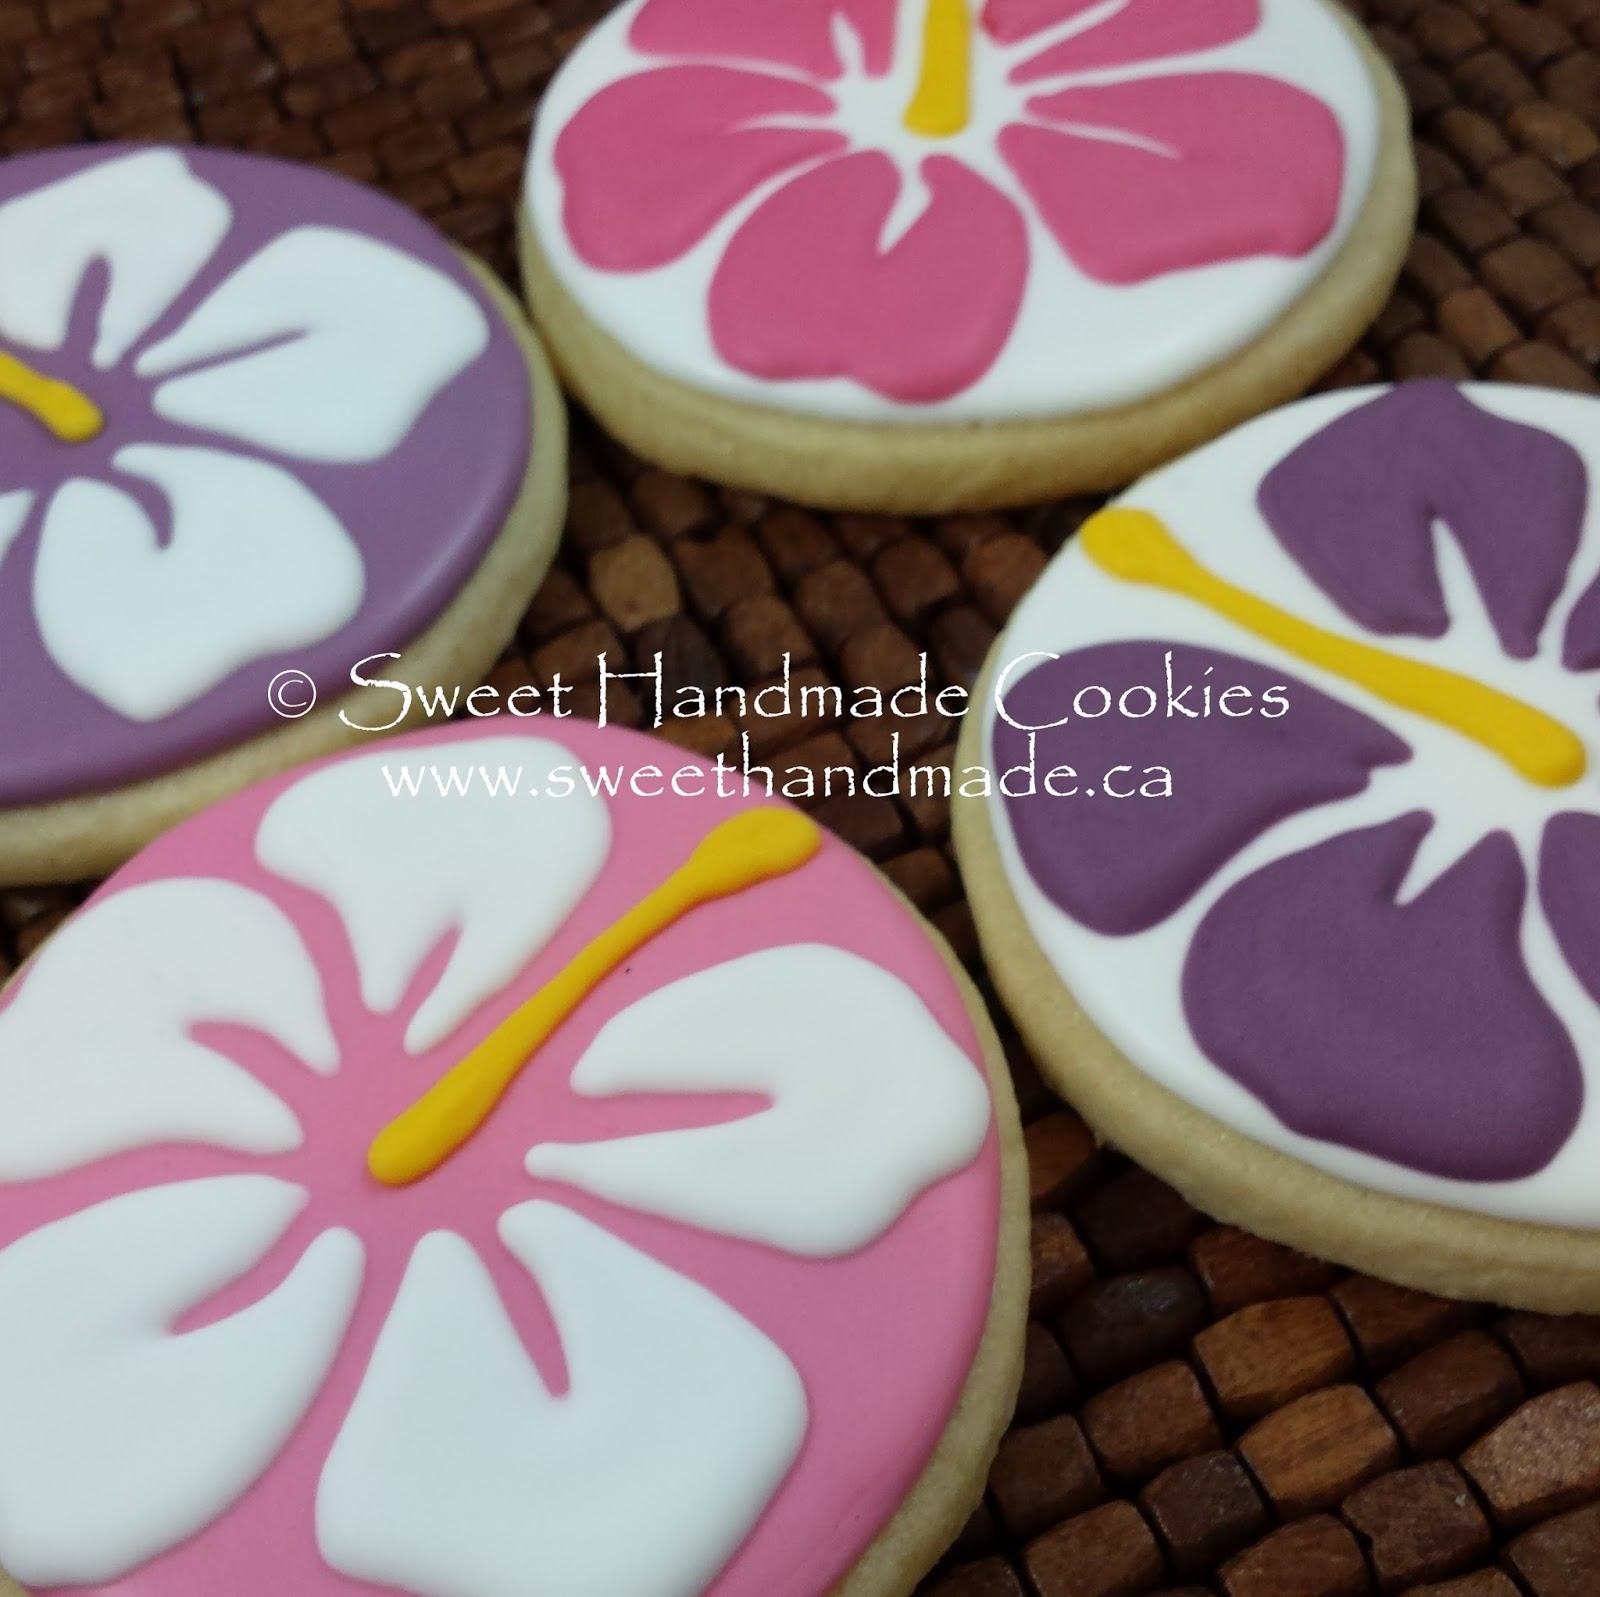 Sweet Handmade Cookies Hibiscus Flower Cookies